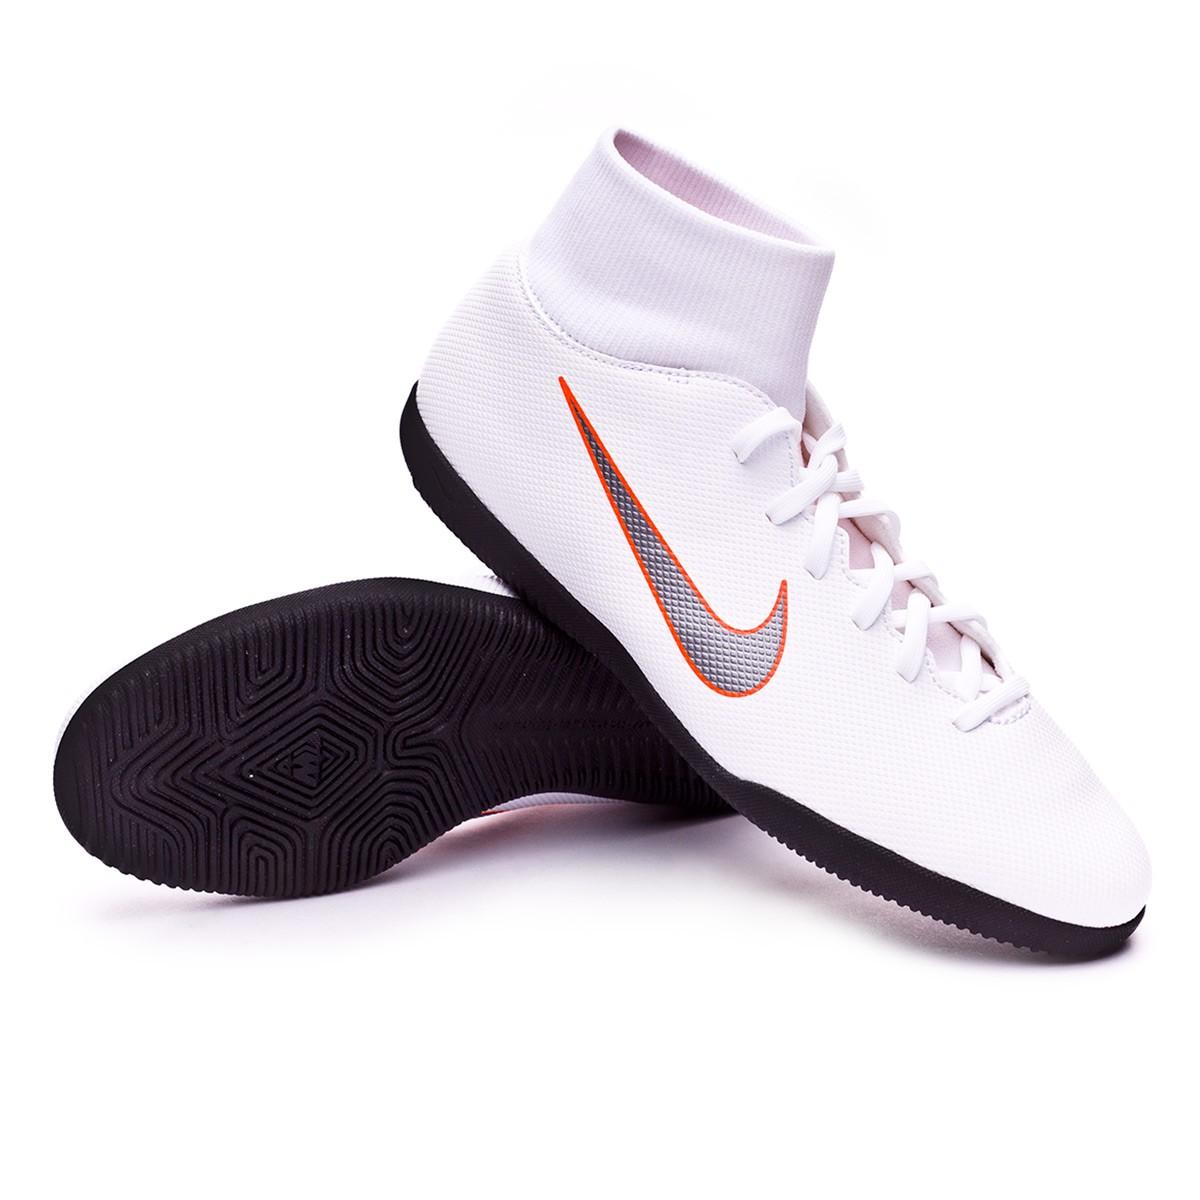 44ca96dbcb12 Futsal Boot Nike Mercurial SuperflyX VI Club IC White-Metallic cool ...